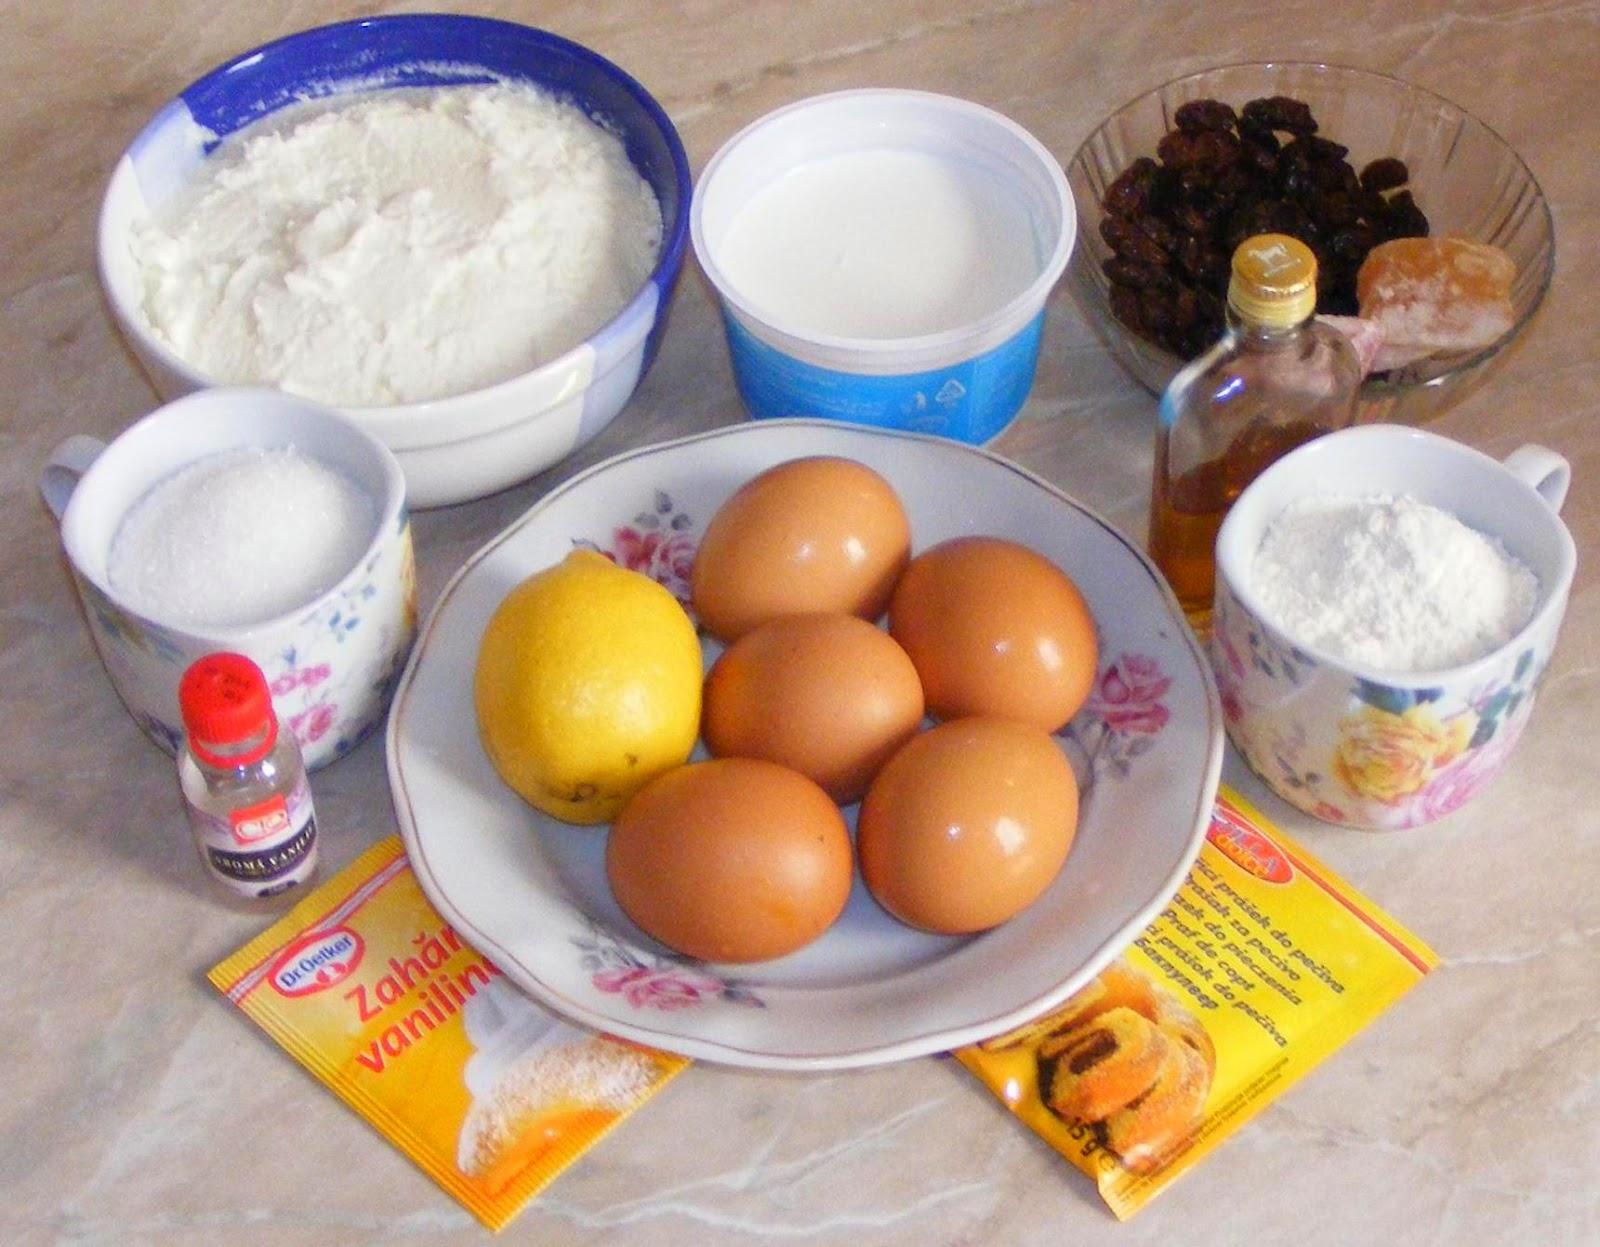 pasca ingrediente, ingrediente pentru pasca, retete pasca, reteta pasca, pasca, cum se face pasca, cum se prepara pasca, cum facem pasca, retete de paste, retete culinare, preparate culinare, ingrediente pentru pasca fara aluat,